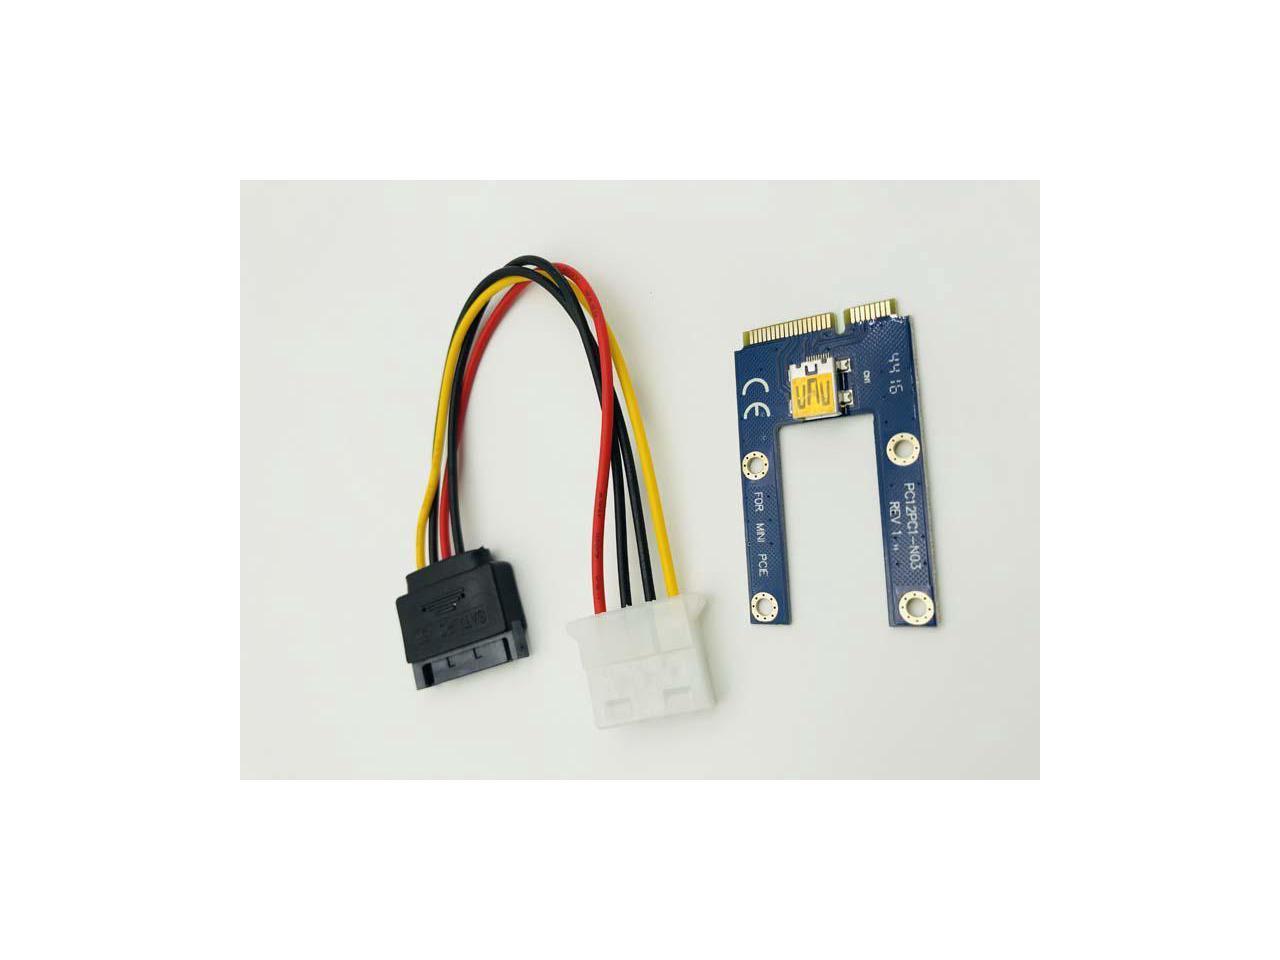 1 Portas Internas Experss Controlador pcie Riser Card adaptador atacado - 3 + 1 ShineBear USB 3.0 3 pci-e PCI Externo Cable Length: Other